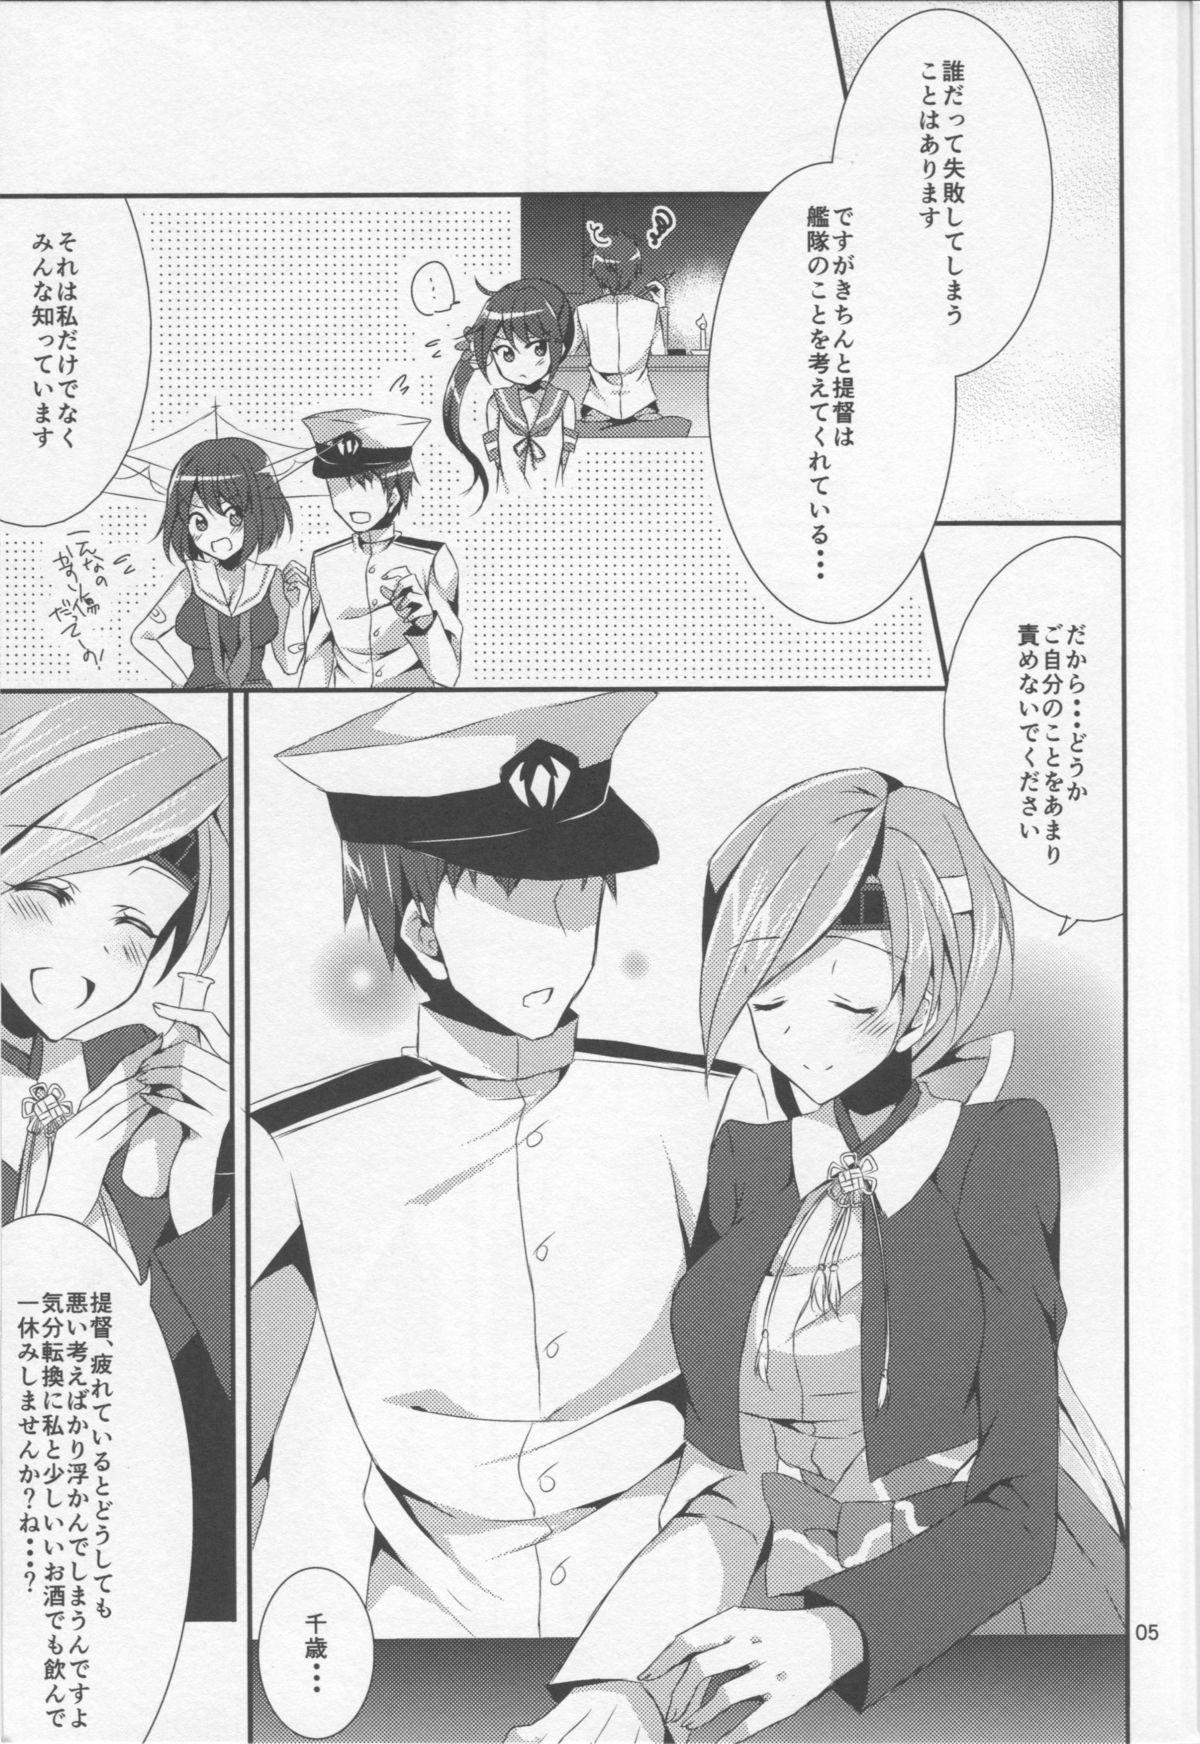 Chitose to Banshaku 4